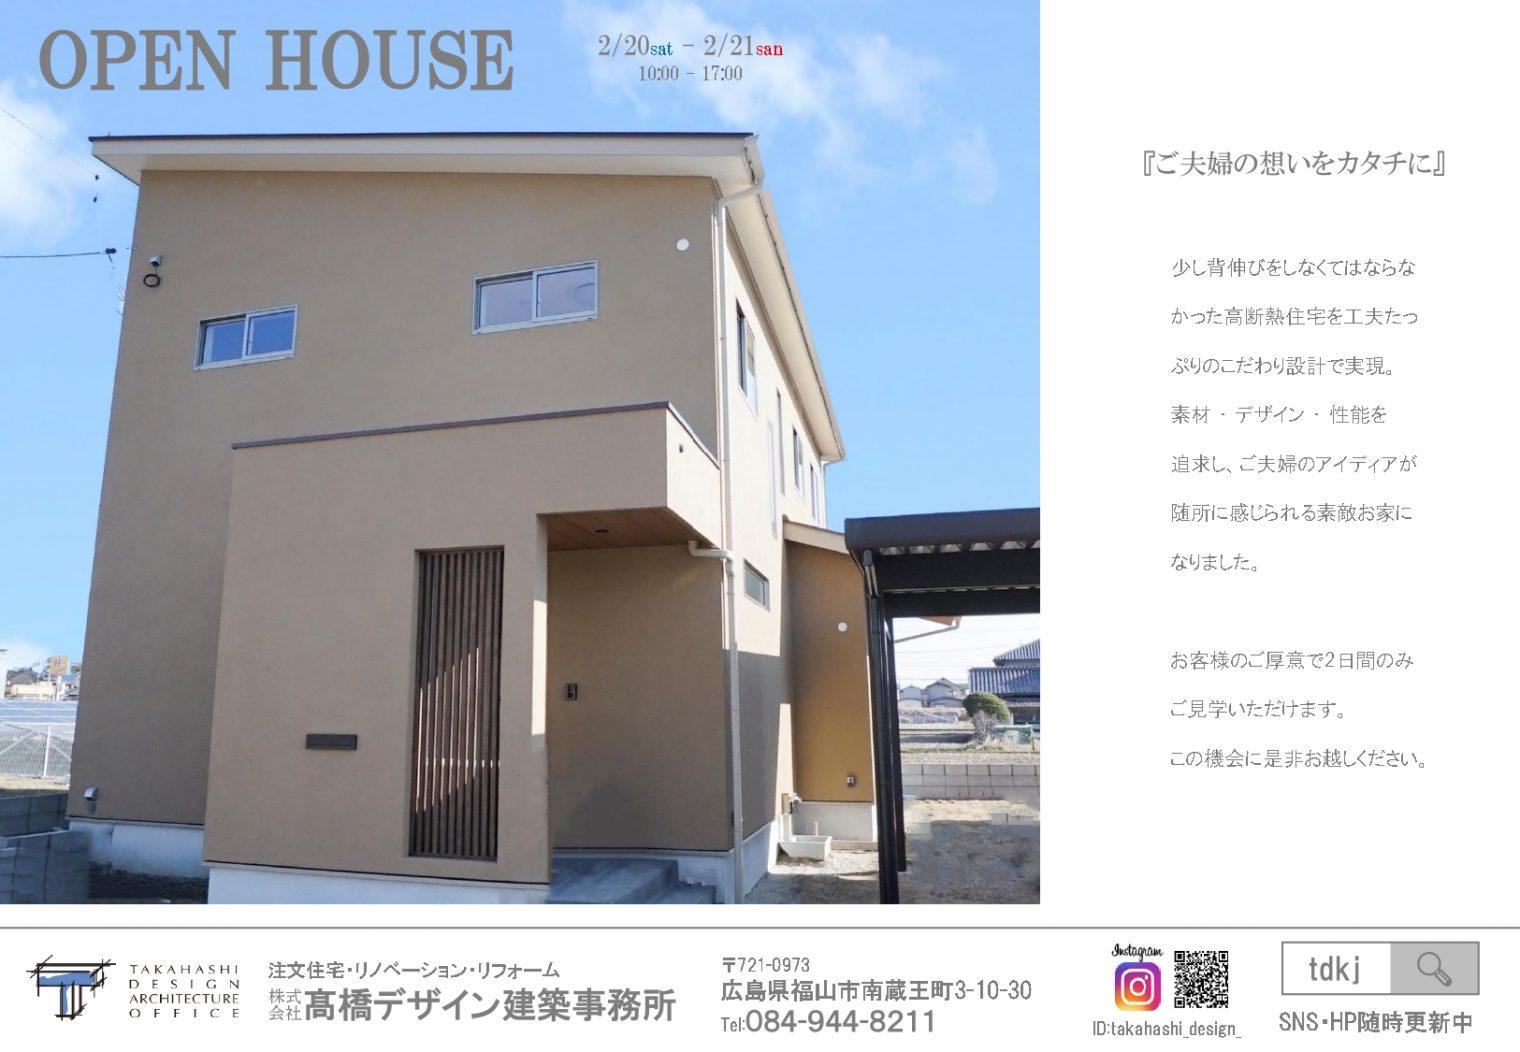 駅家町万能倉 注文住宅 完成見学会を開催します!!